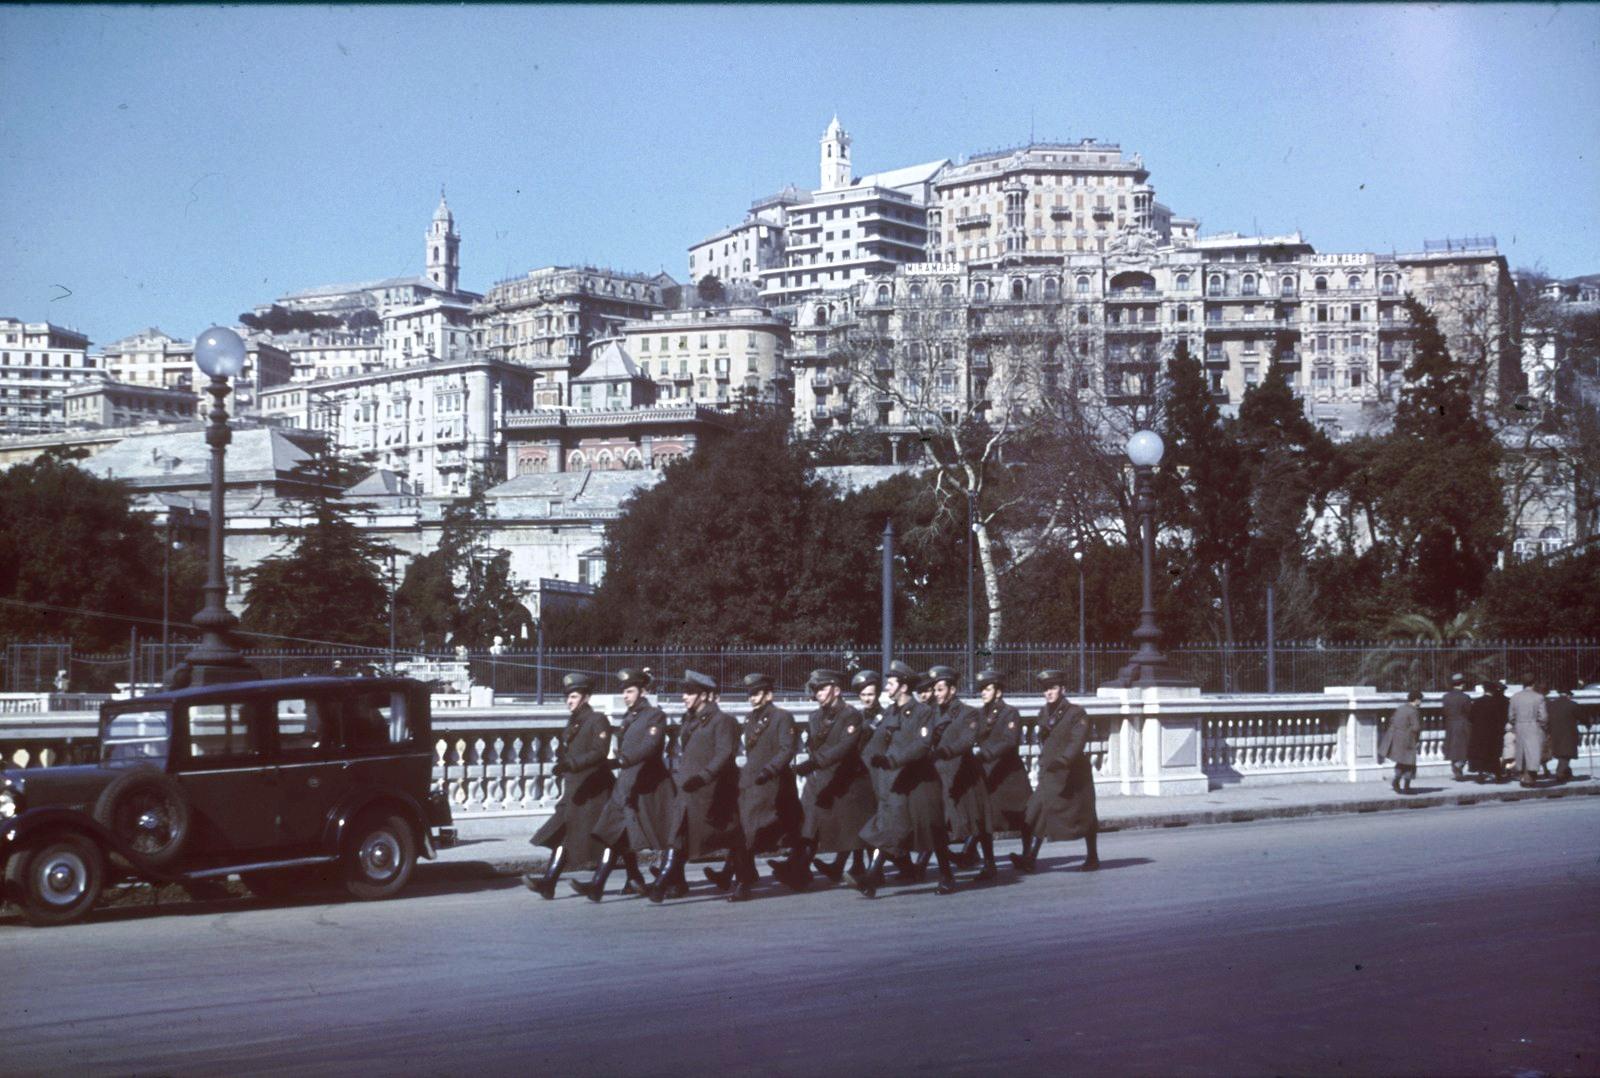 Генуя. Вид на город и Гранд отель Мирамаре. На переднем плане марширующая группа военных